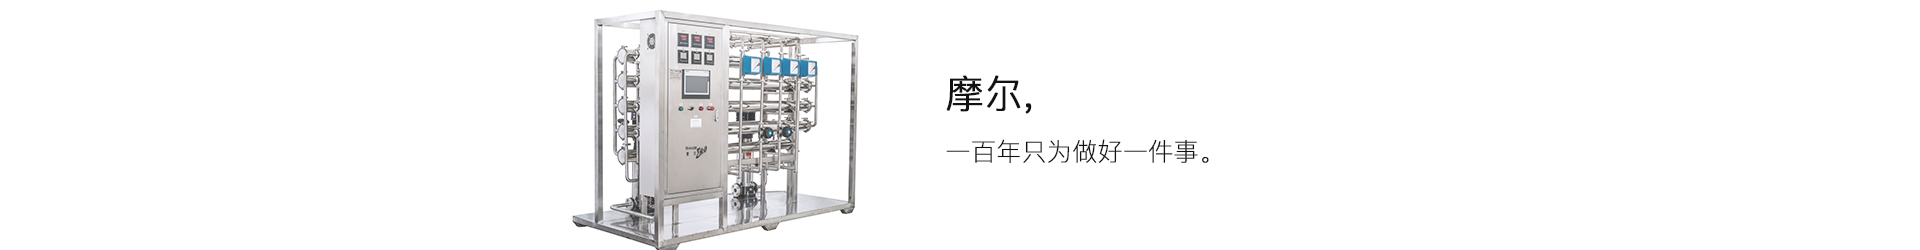 重庆超净水器